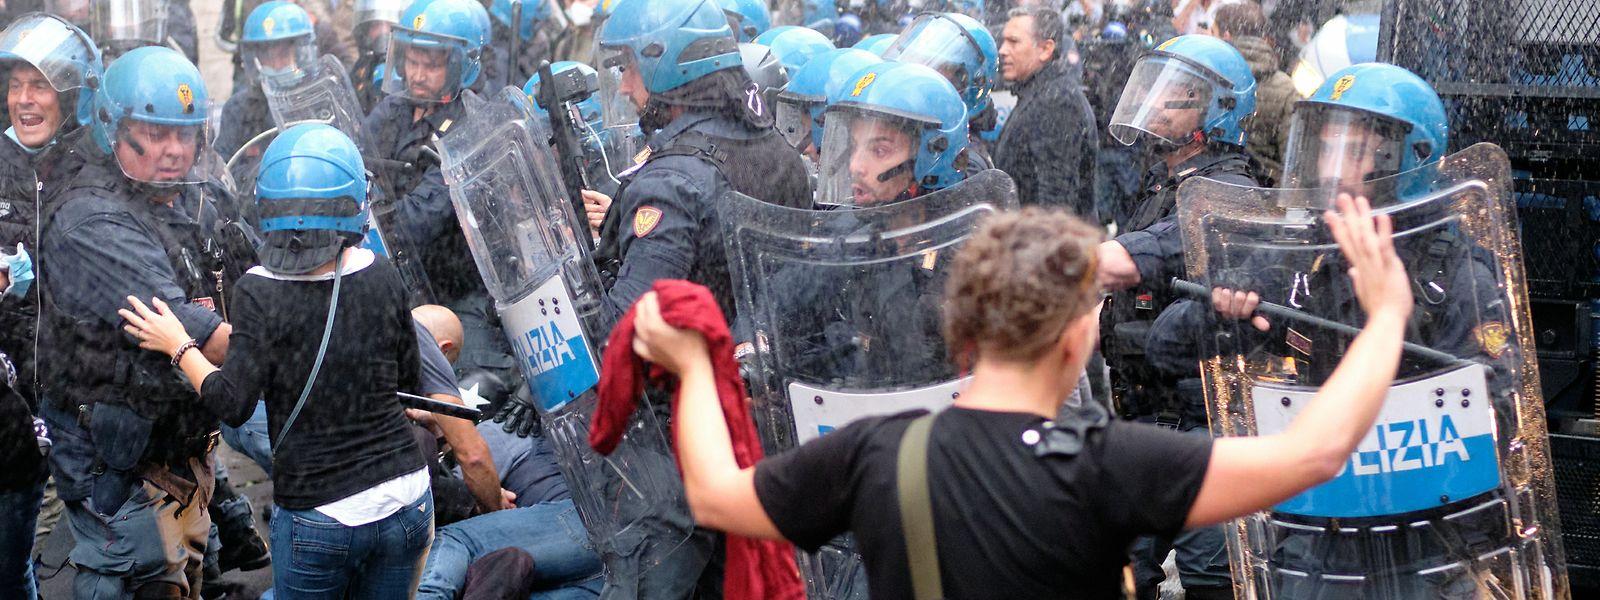 Nach Angaben von italienischen Medien sind mehrere Personen bei den Ausschreitungen während eines Protestes gegen die Coronamaßnahmen der Regierung festgenommen worden.